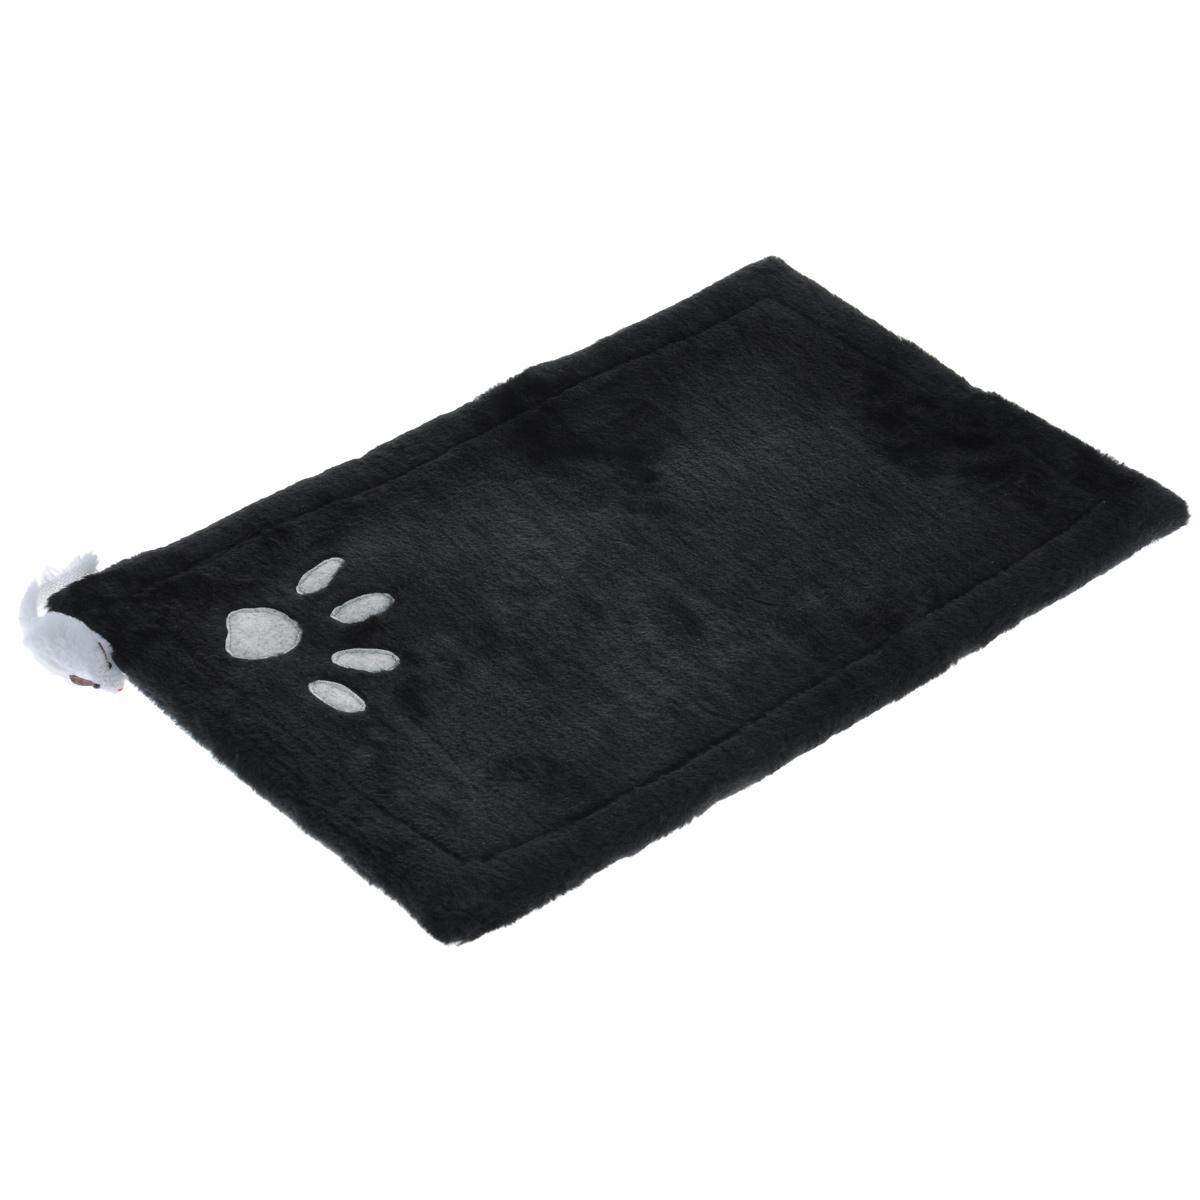 Когтеточка-коврик для кошек I.P.T.S., 0405155 цвет: черный, 48 см х 31 см16462Когтеточка для кошек I.P.T.S. выполнена из сизаля в виде коврика, по краям обитого плюшем. Коврик декорирован следом от лапки и белой мышкой. Когтеточка - один из самых необходимых аксессуаров для кошки. Для приучения к ней можно натереть ее сухой валерьянкой или кошачьей мятой. Коврик-когтеточка для кошек I.P.T.S. станет комфортным и любимым местом вашего питомца.